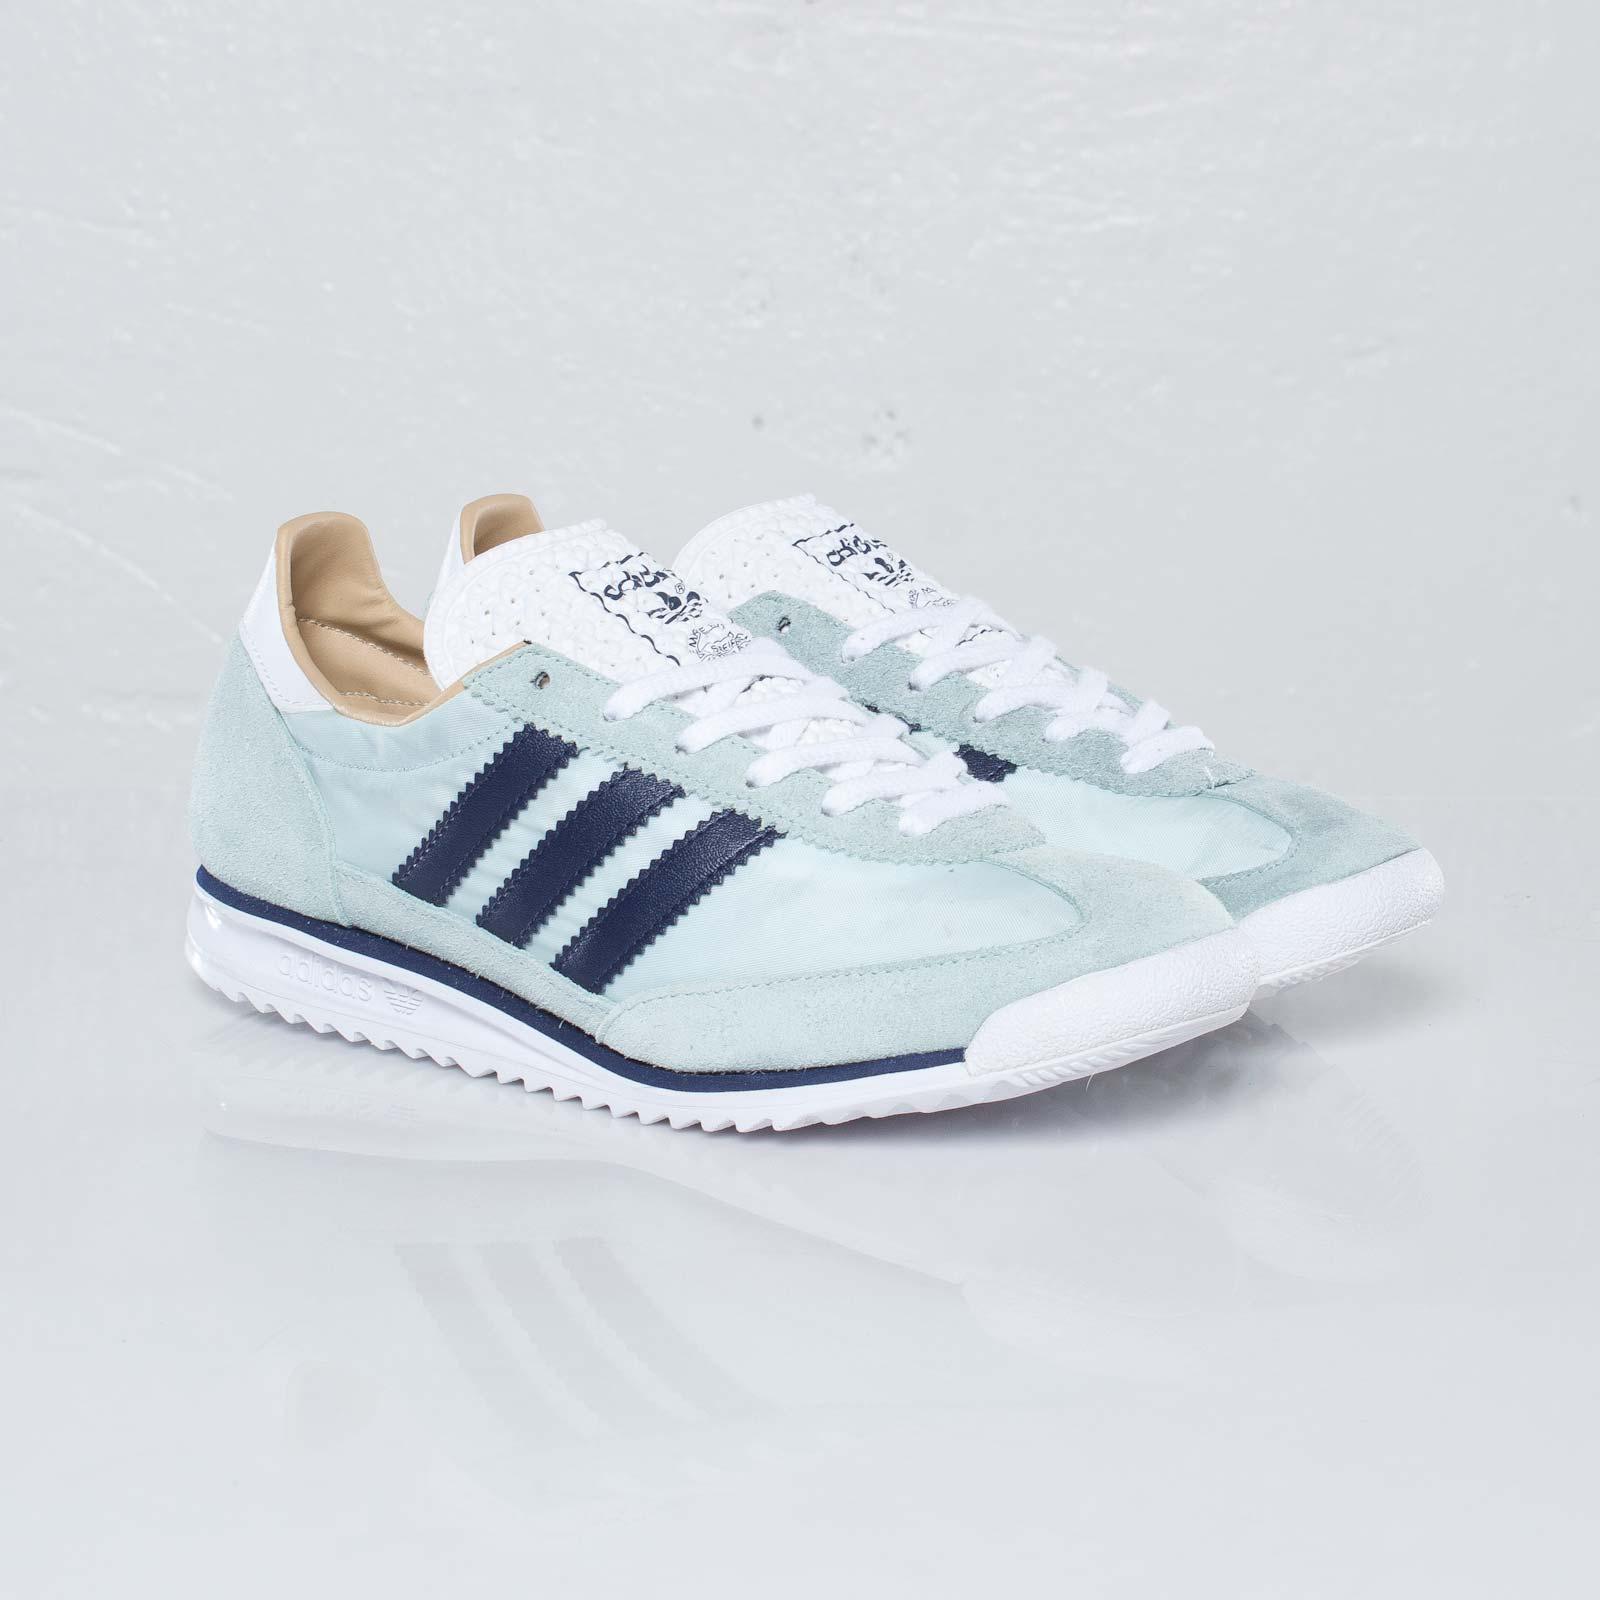 adidas SL 72 W - 109764 - Sneakersnstuff I Sneakers & Streetwear ...